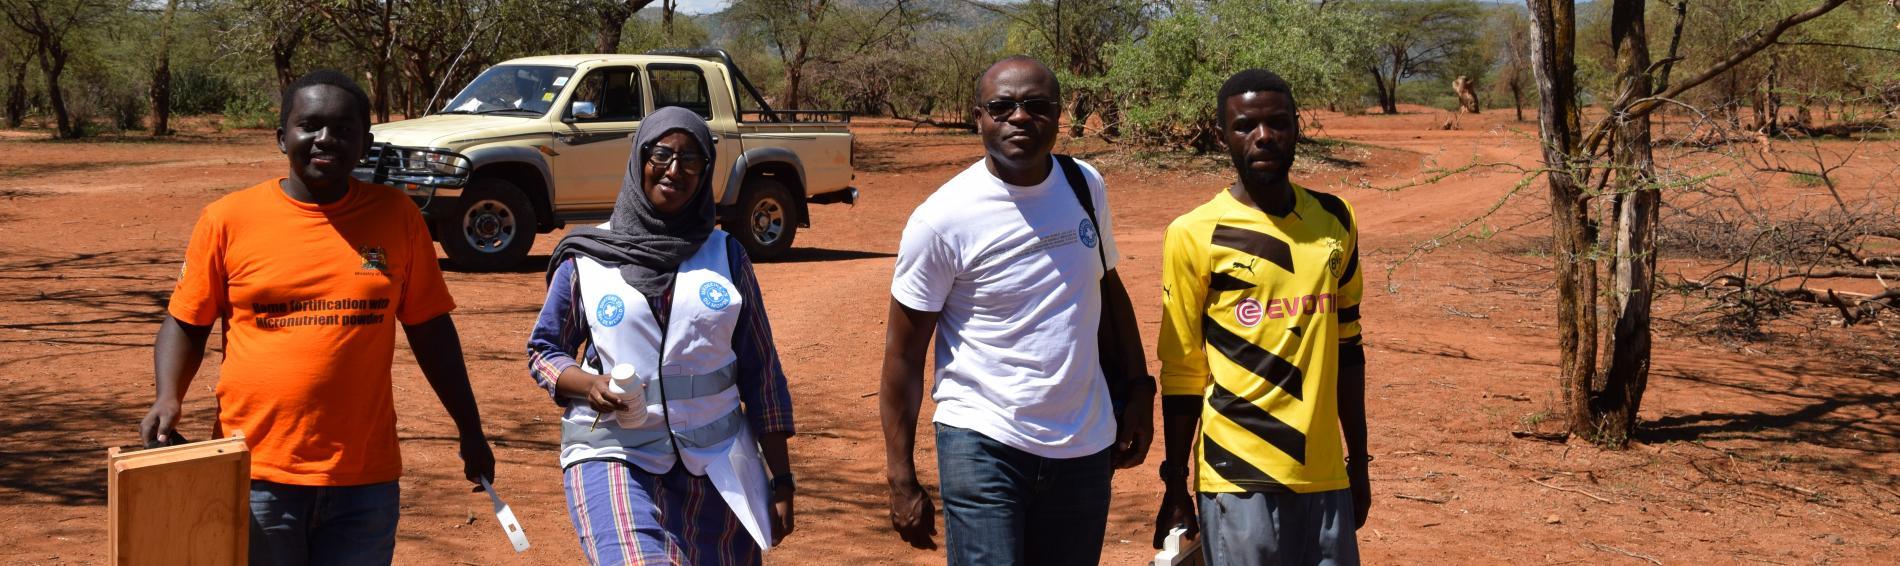 Ärzte der Welt-Mitarbeiter in Kenia. Foto: Jelle Boone